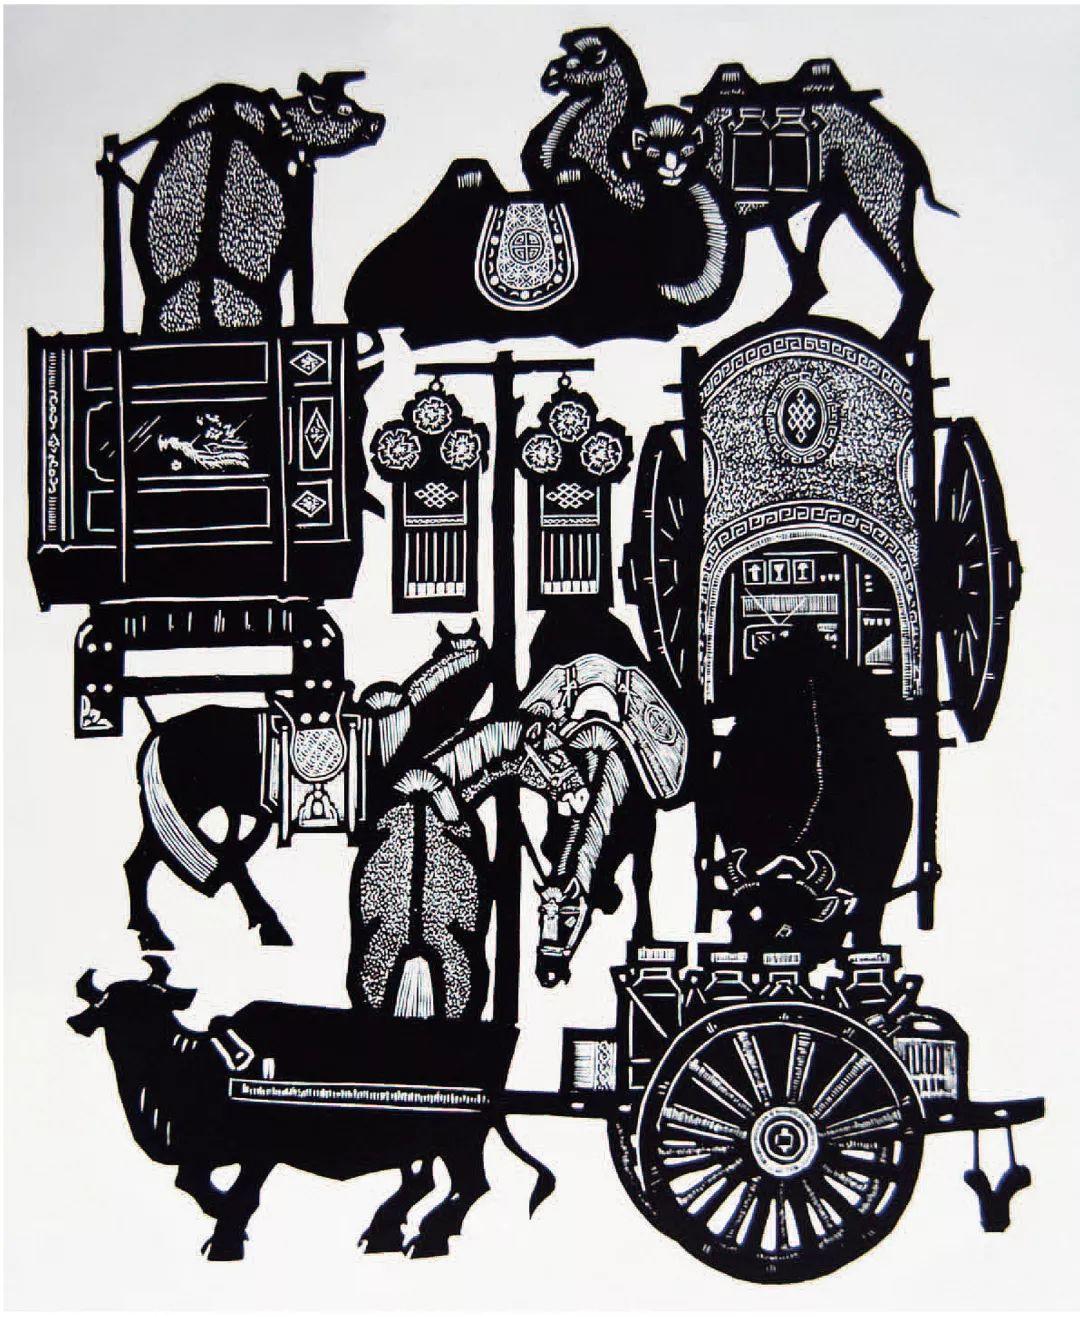 科尔沁文化名片 | 蓬勃发展的奈曼版画 第3张 科尔沁文化名片 | 蓬勃发展的奈曼版画 蒙古画廊